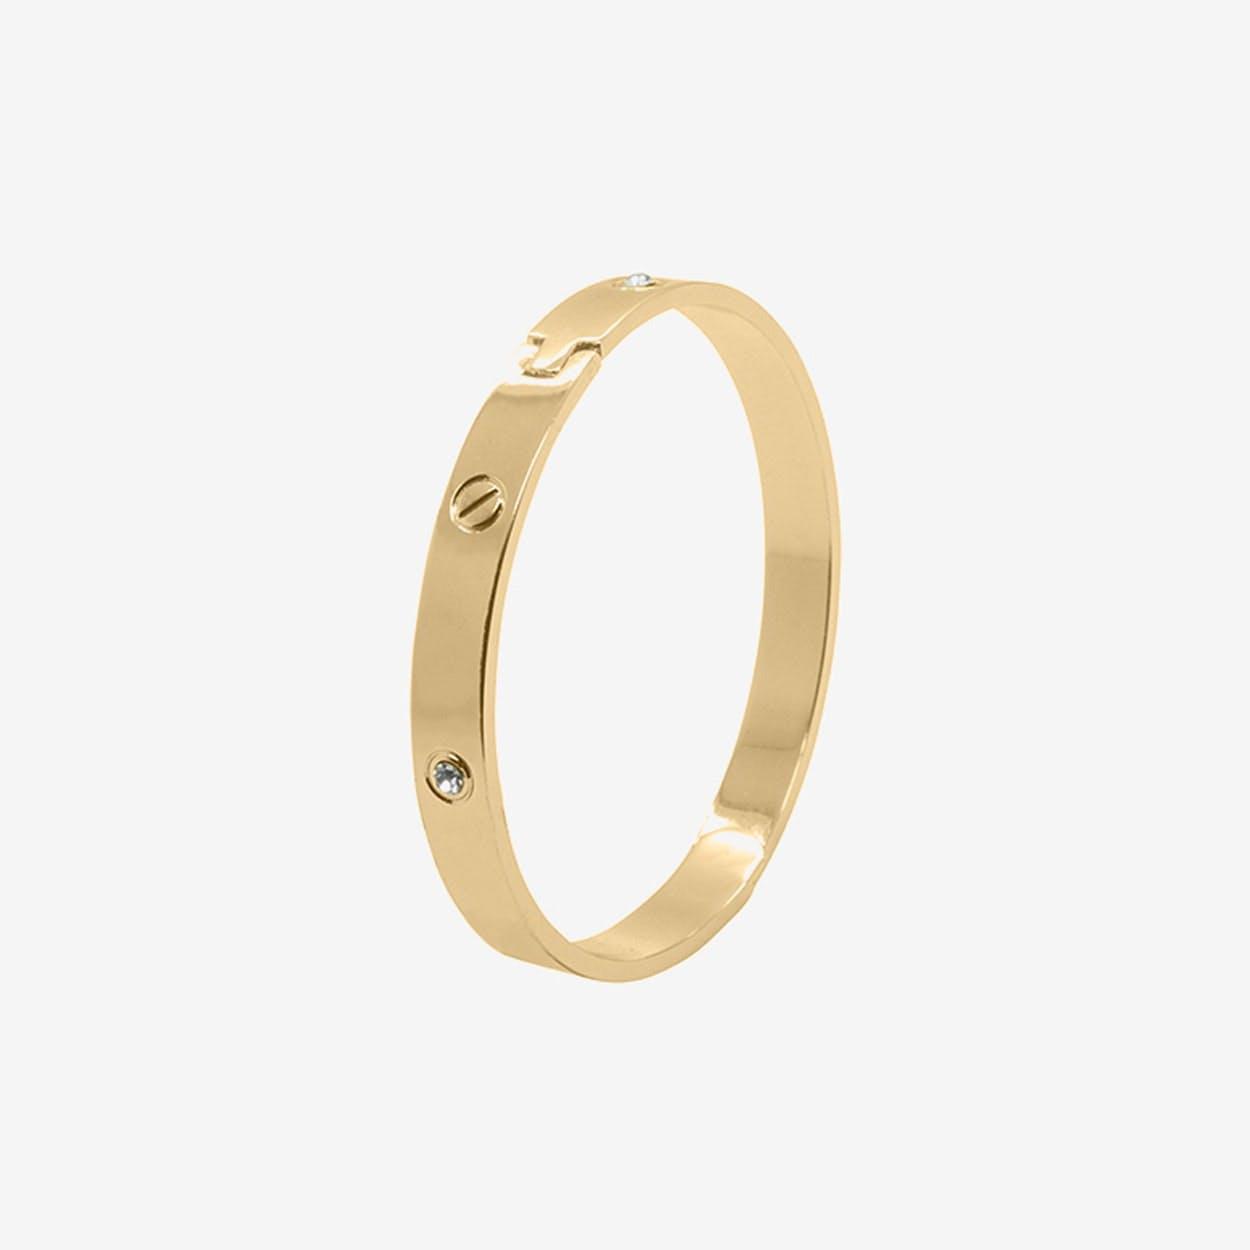 Love Bangle in Gold - Lovett & Co